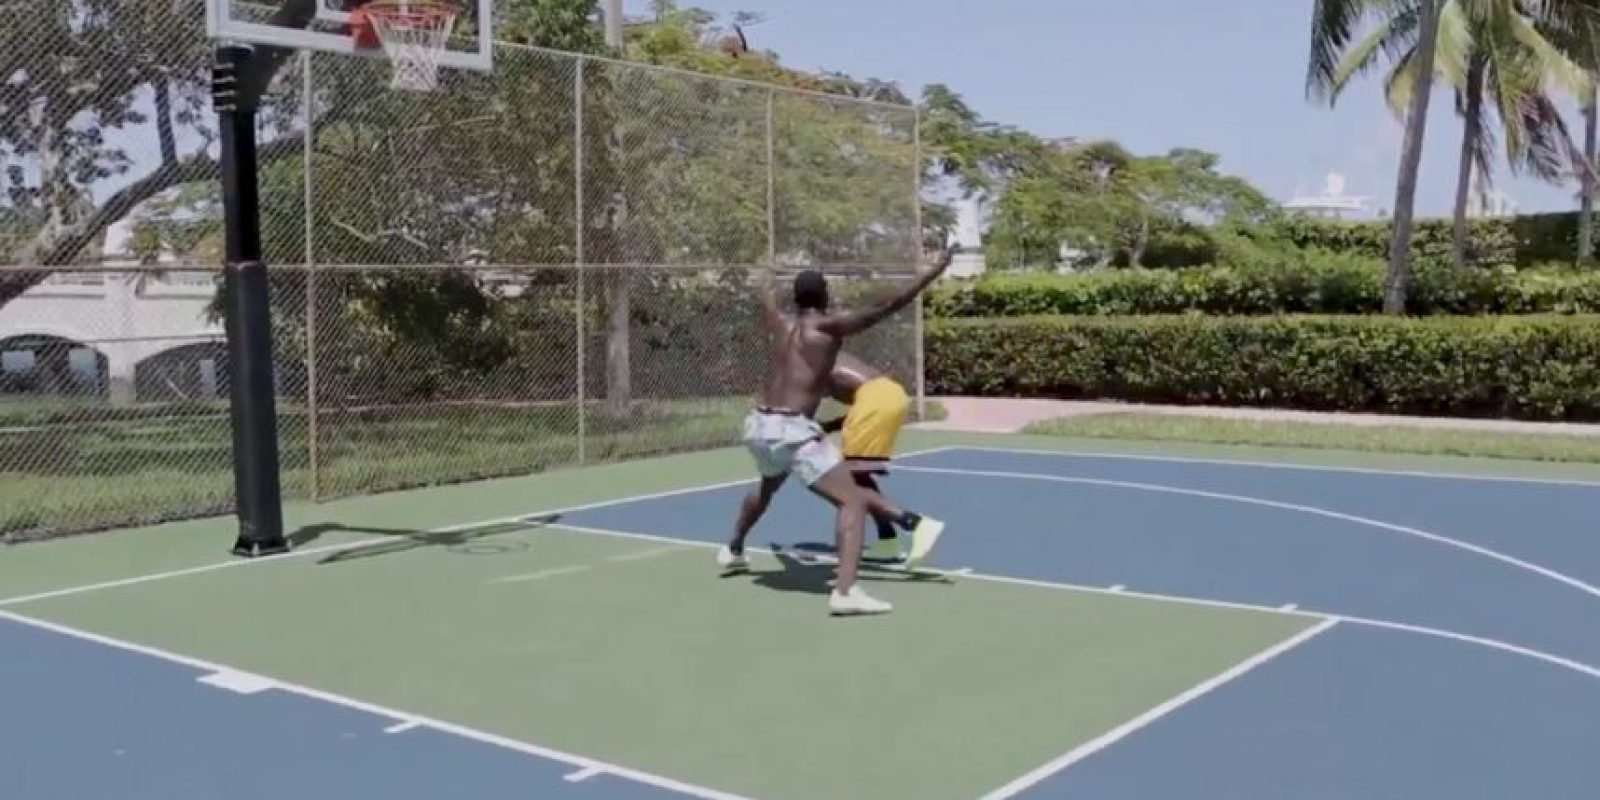 El mediocampista jugó un 1×1 ante Romelu Lukaku Foto:Captura de pantalla